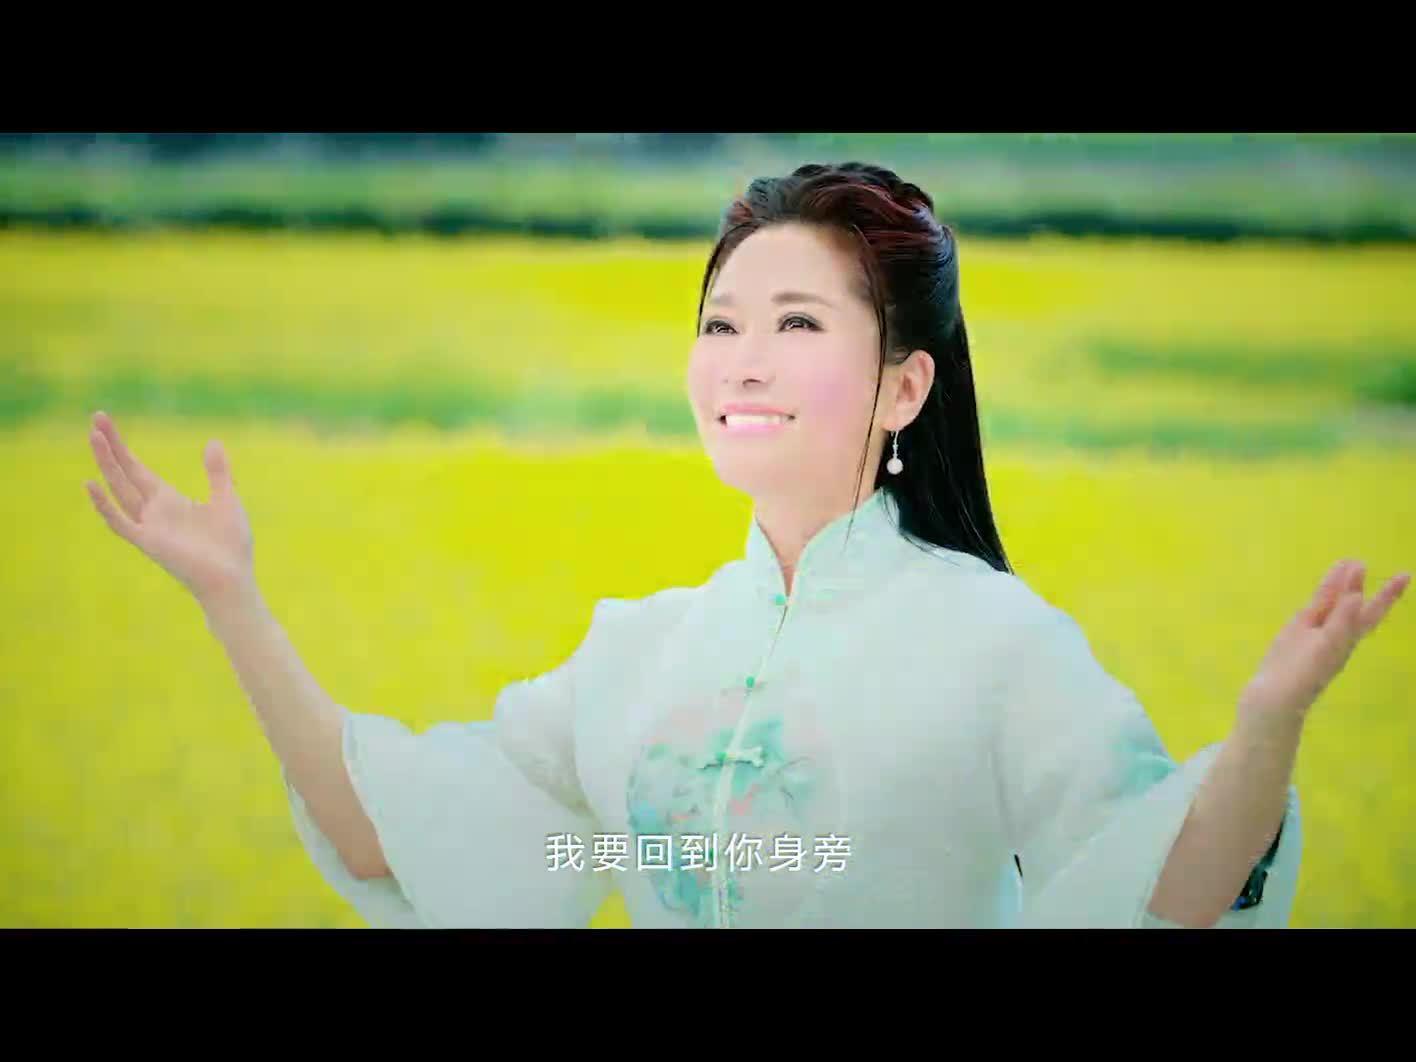 中国梦歌曲《望春花》MV